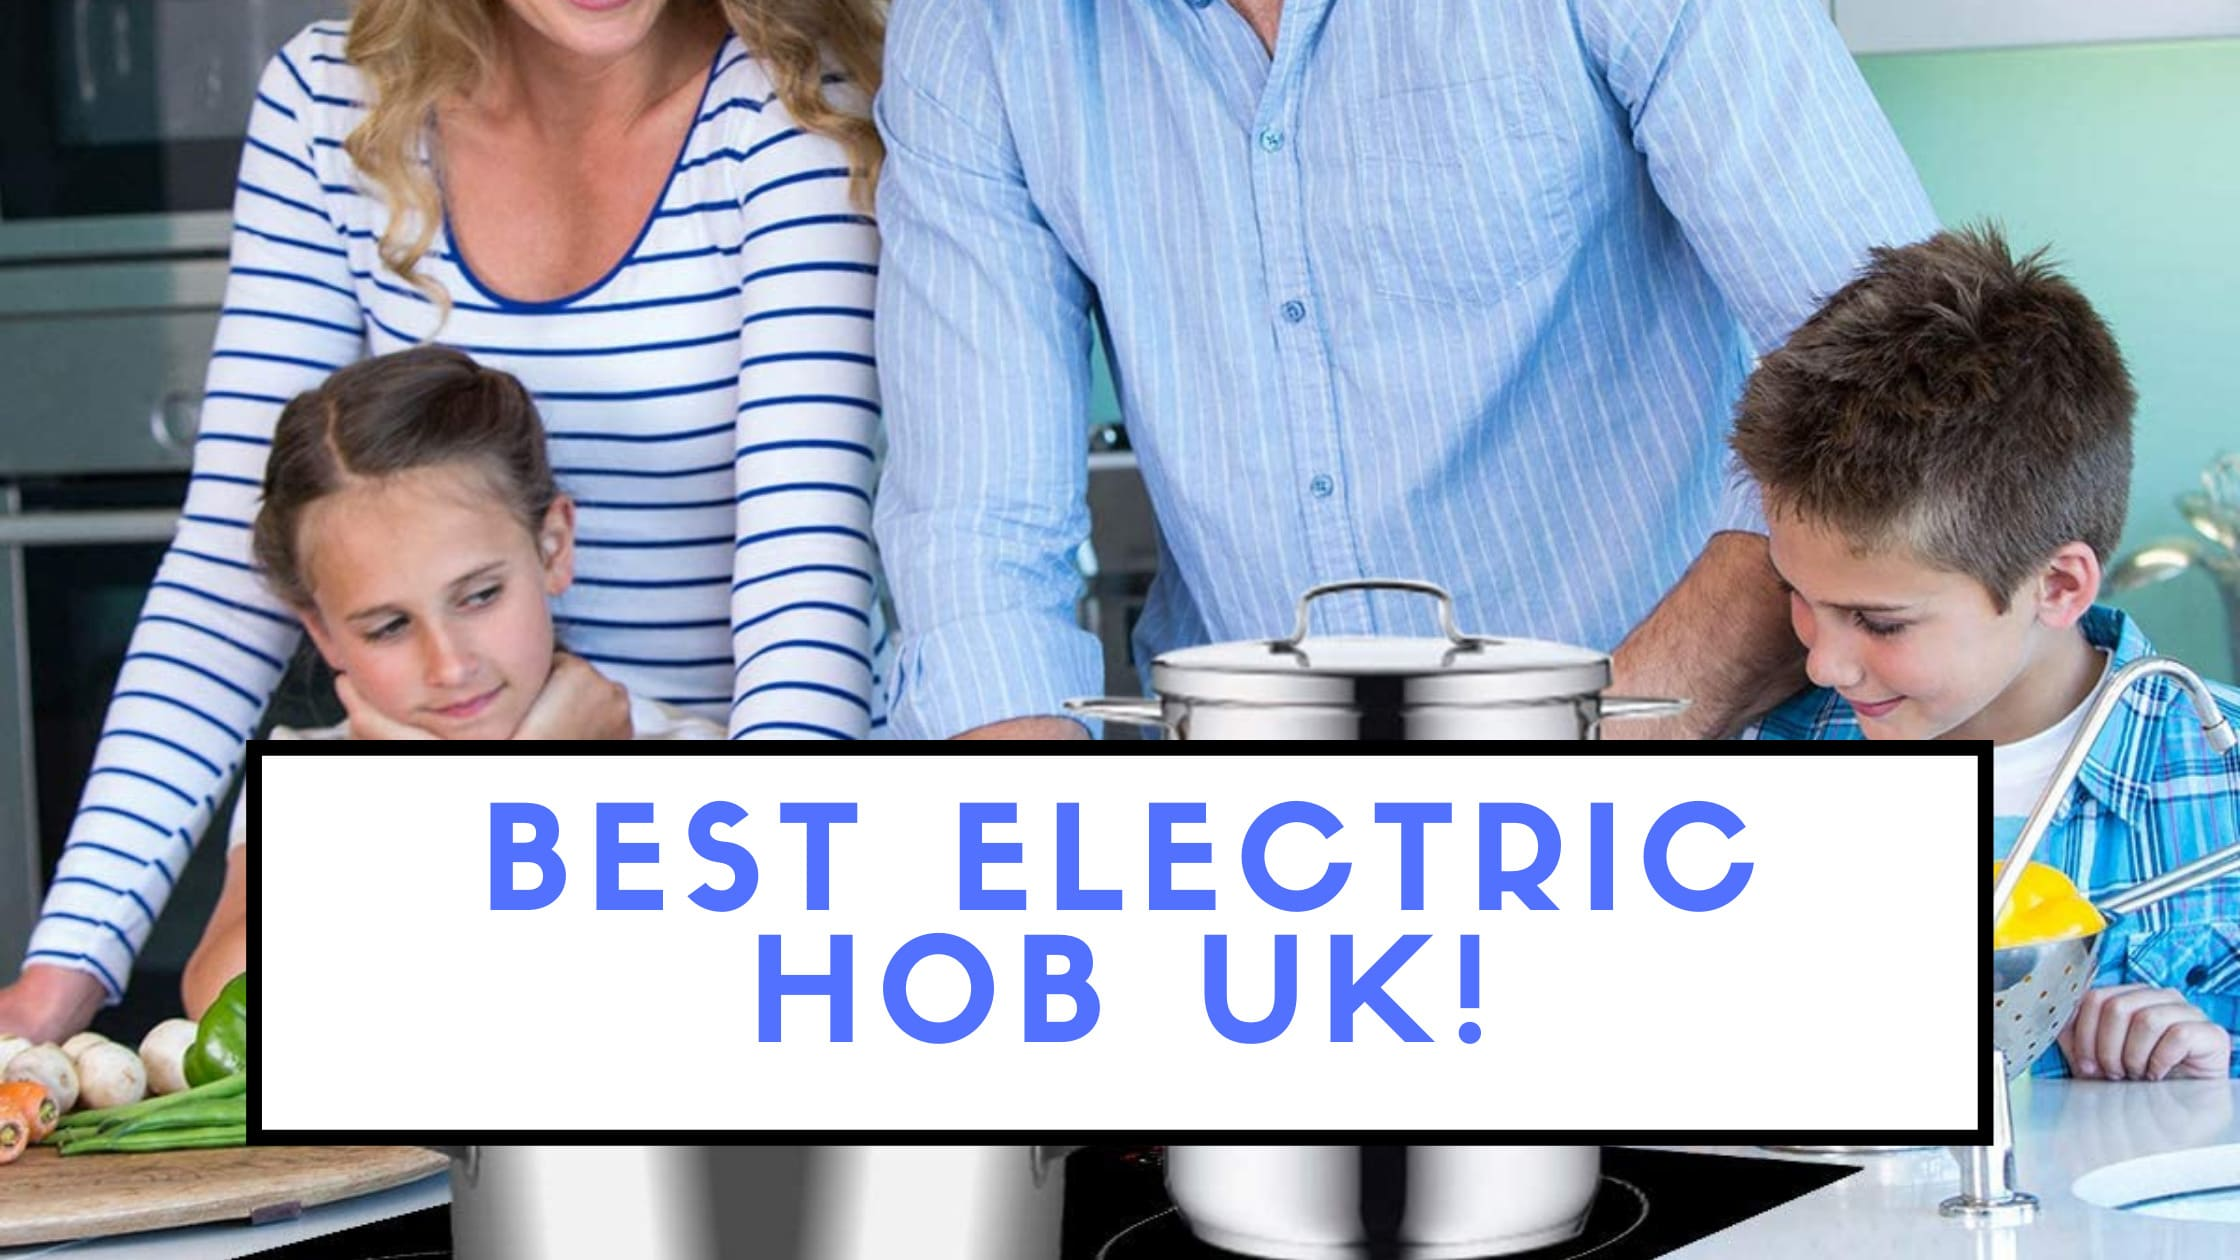 Best Electric Hob UK